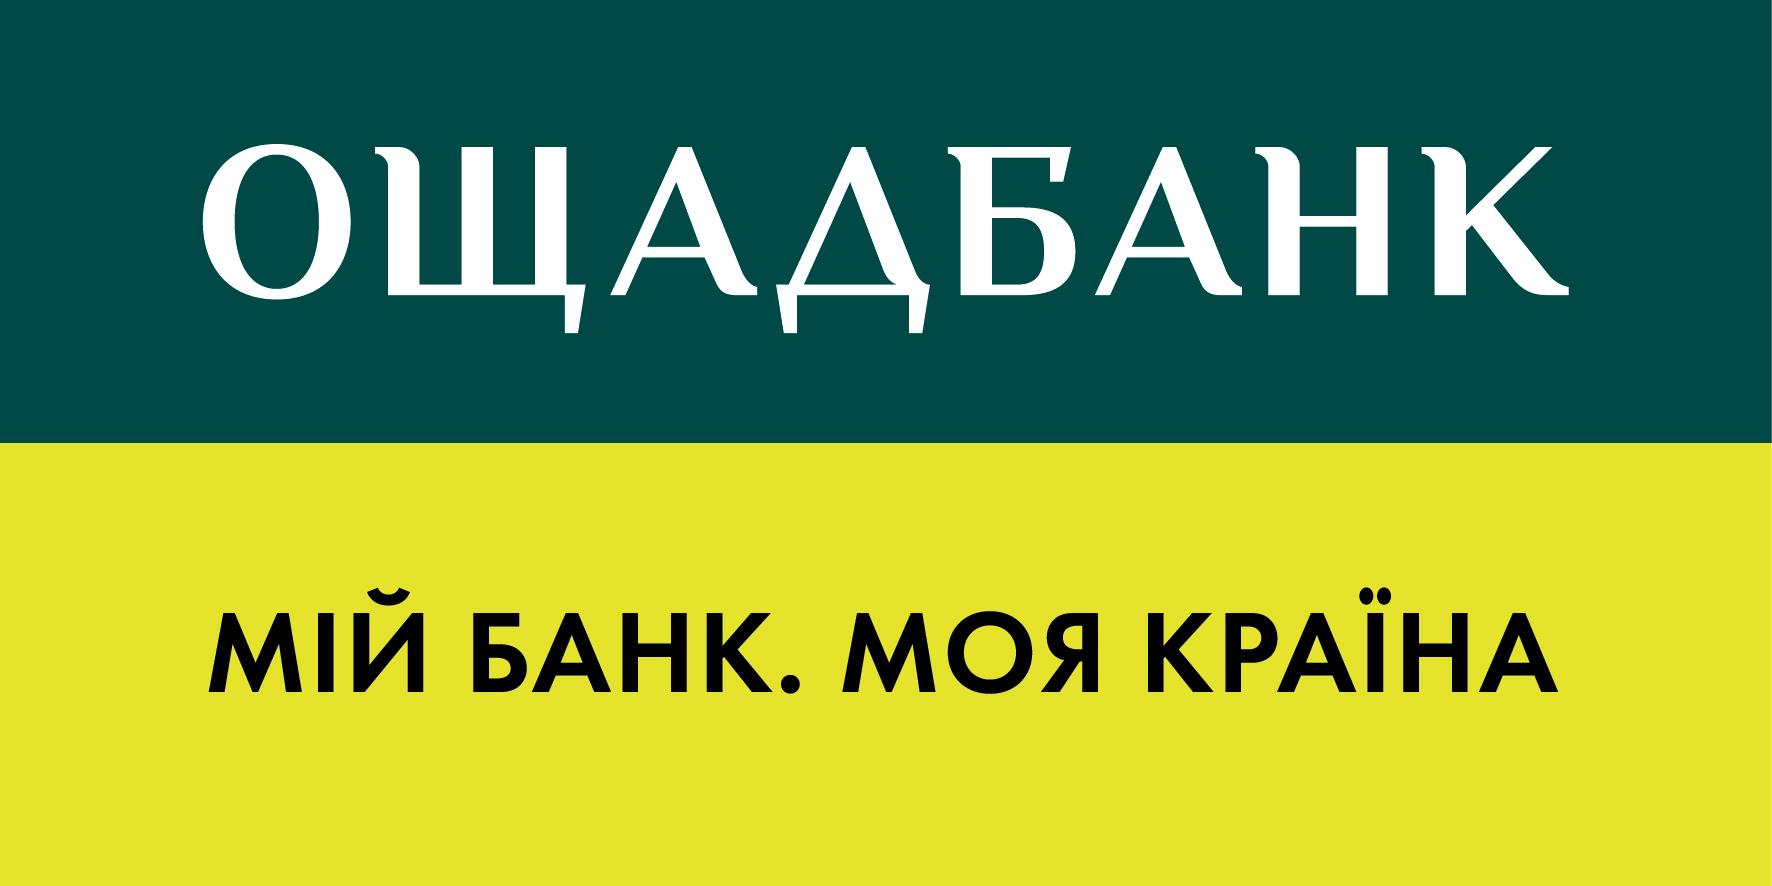 Ощадбанк: отзывы клиентов logo